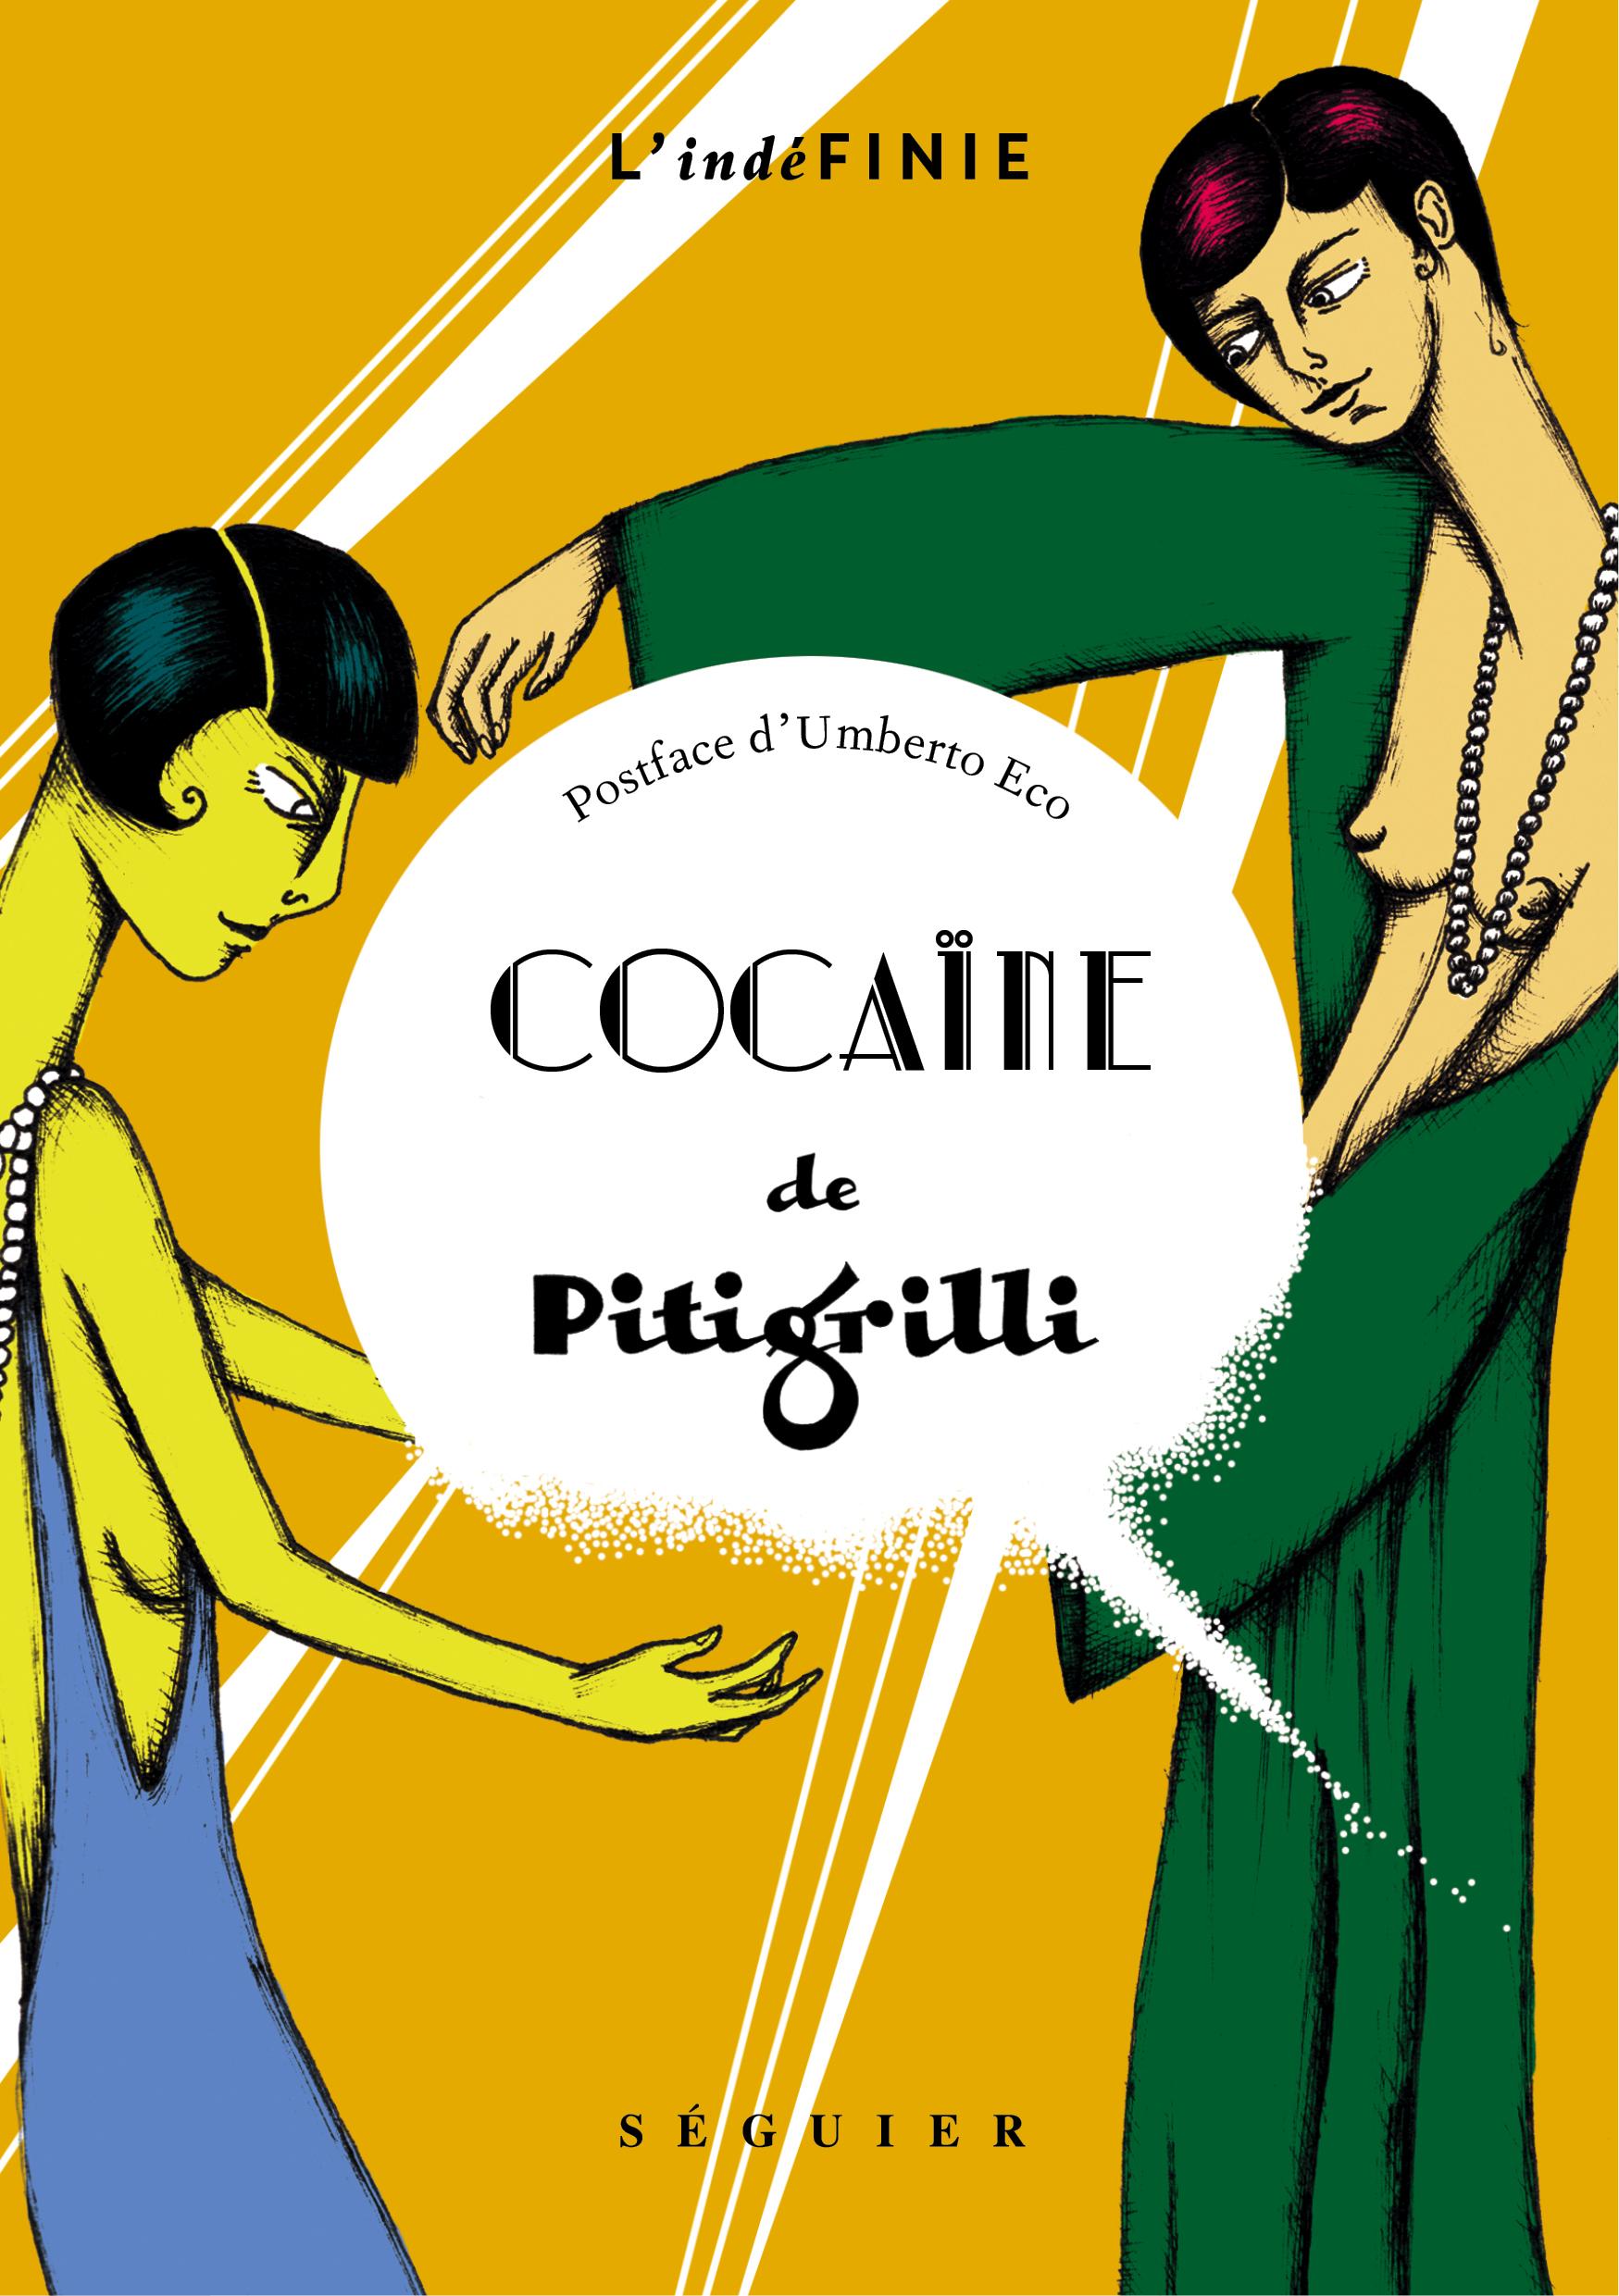 Cocaïne lauréat du Prix Rive Gauche à Paris 2018 !